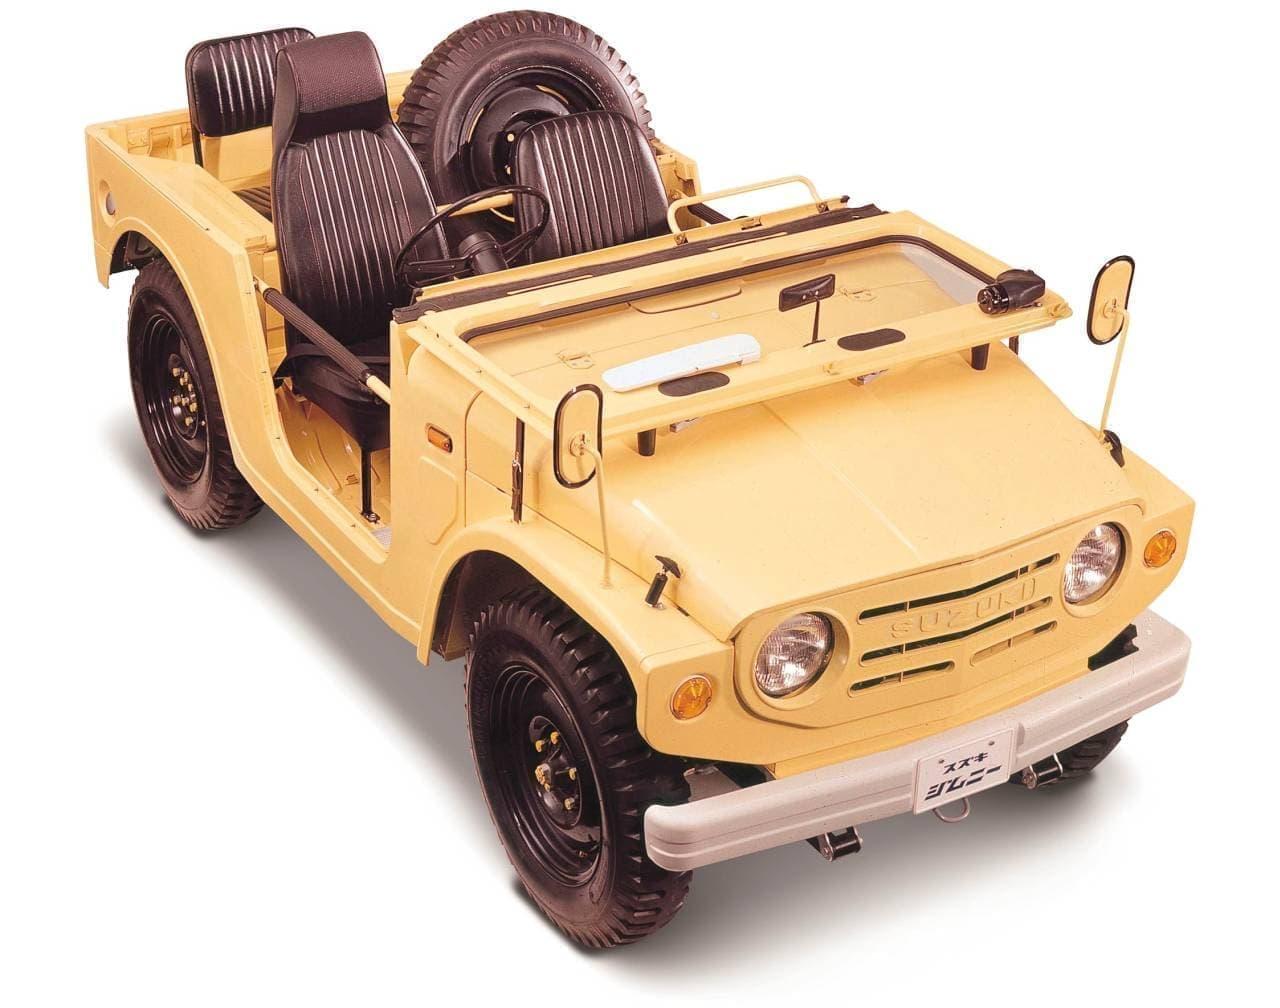 スズキ 初代「ジムニー」が日本自動車殿堂「歴史遺産車」に選定